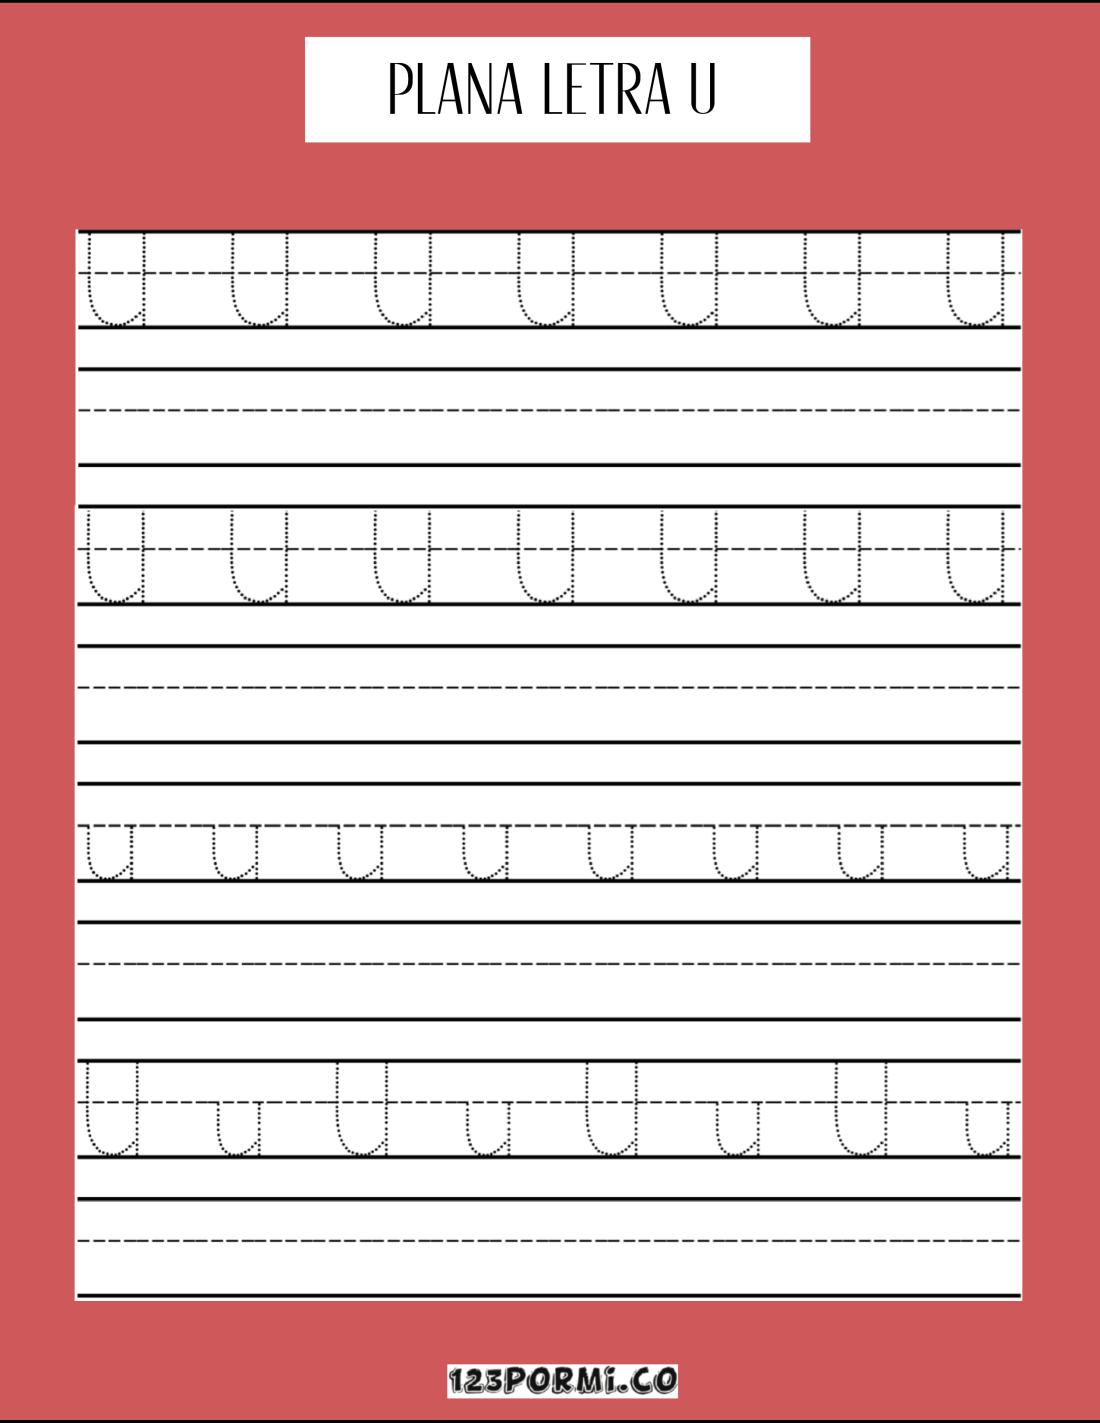 Plana letra u_Mesa de trabajo 1